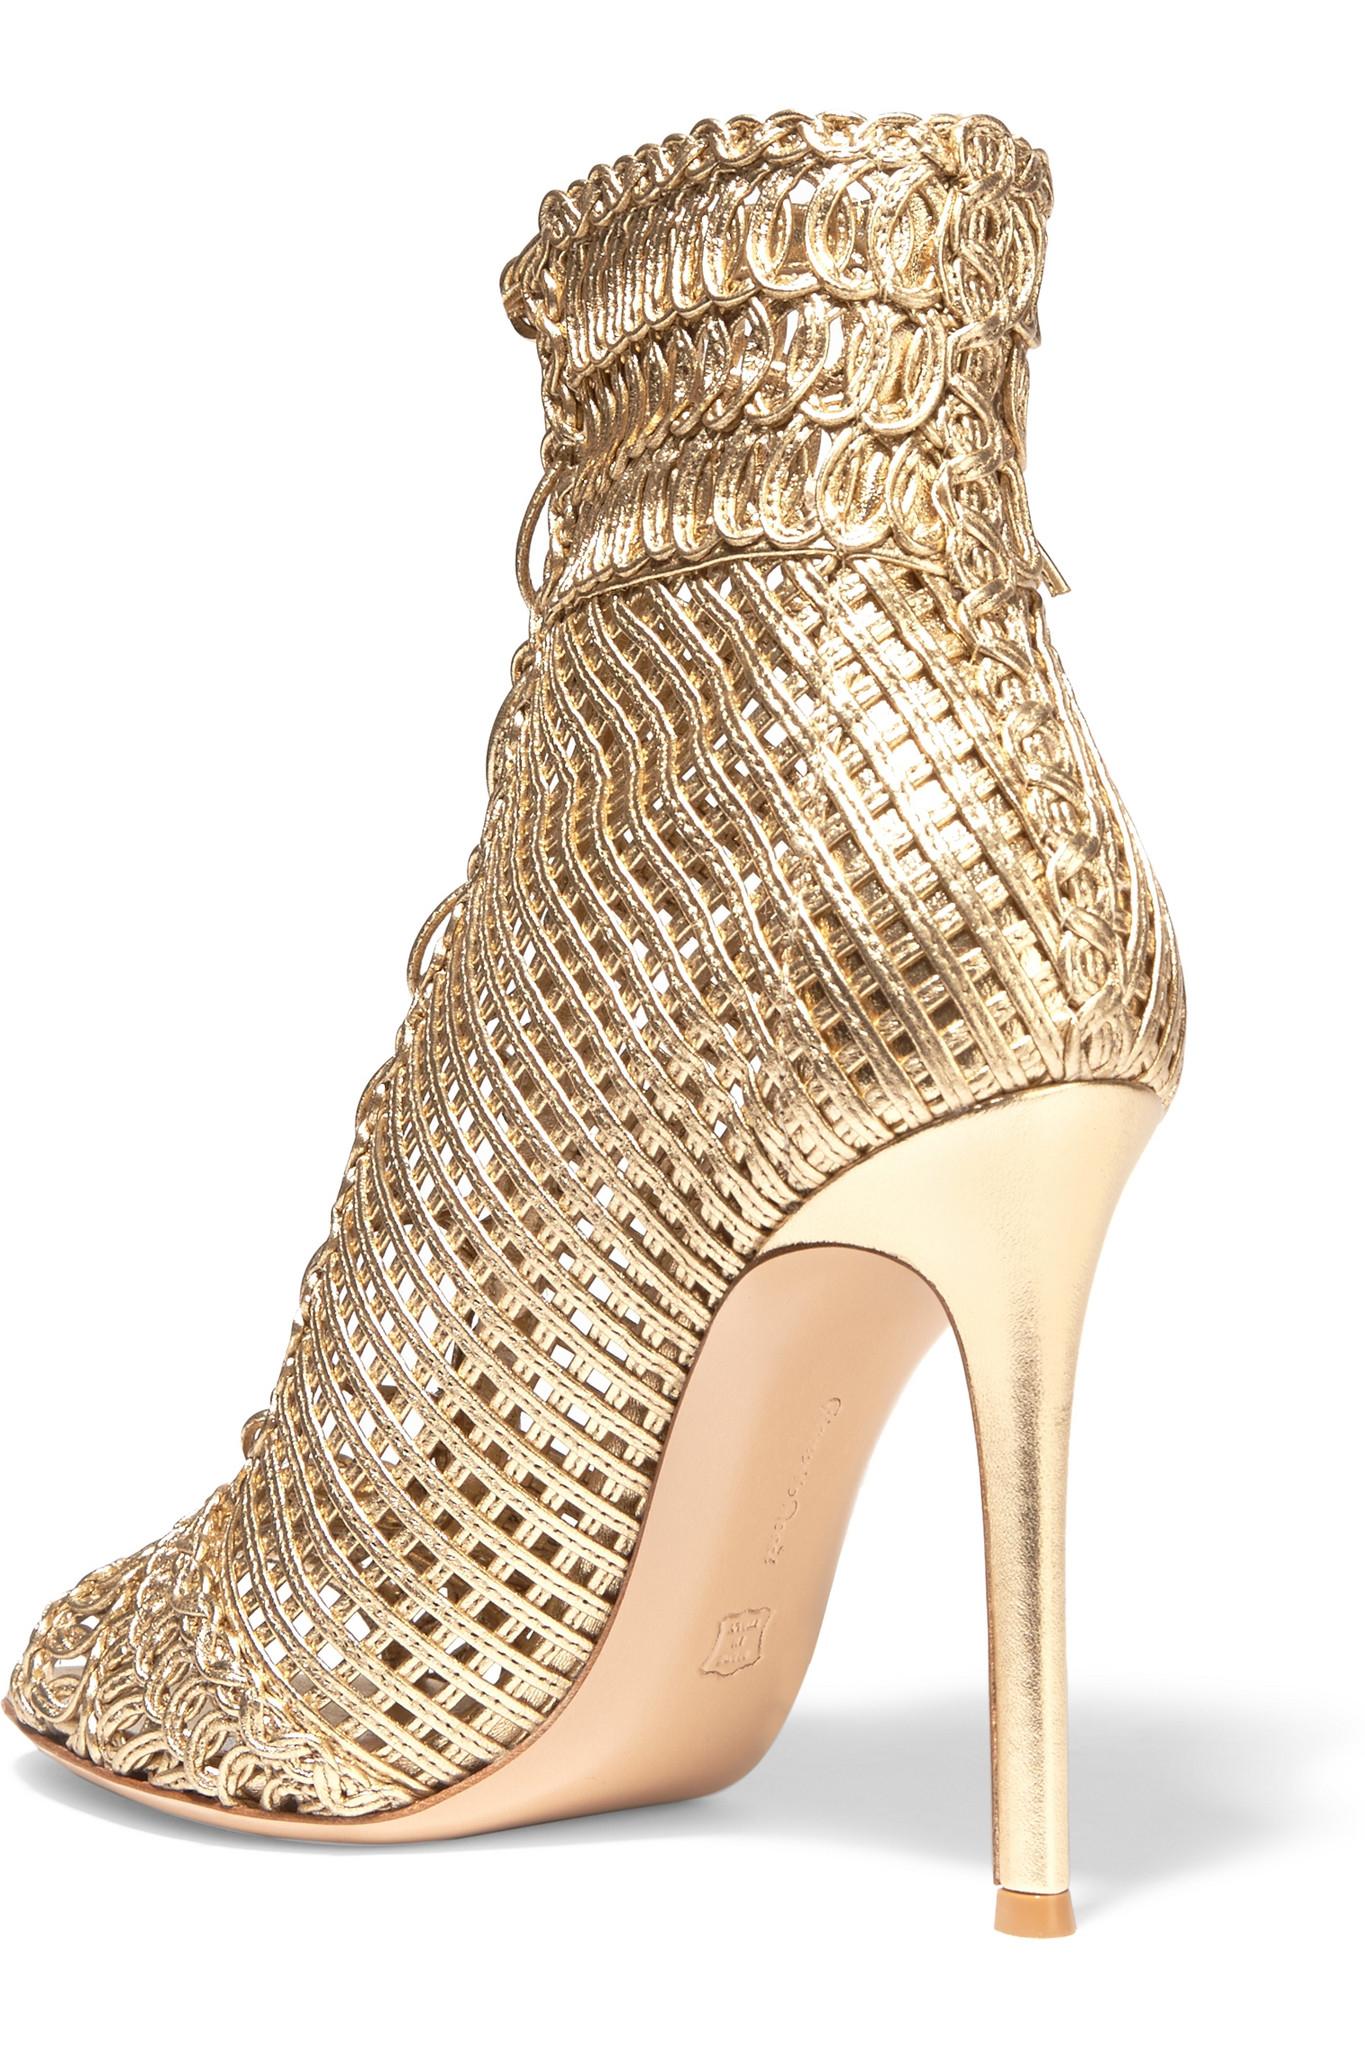 Gianvito Rossi Metallic Woven Sandals sale big discount cheapest price for sale FHOG3V0E13